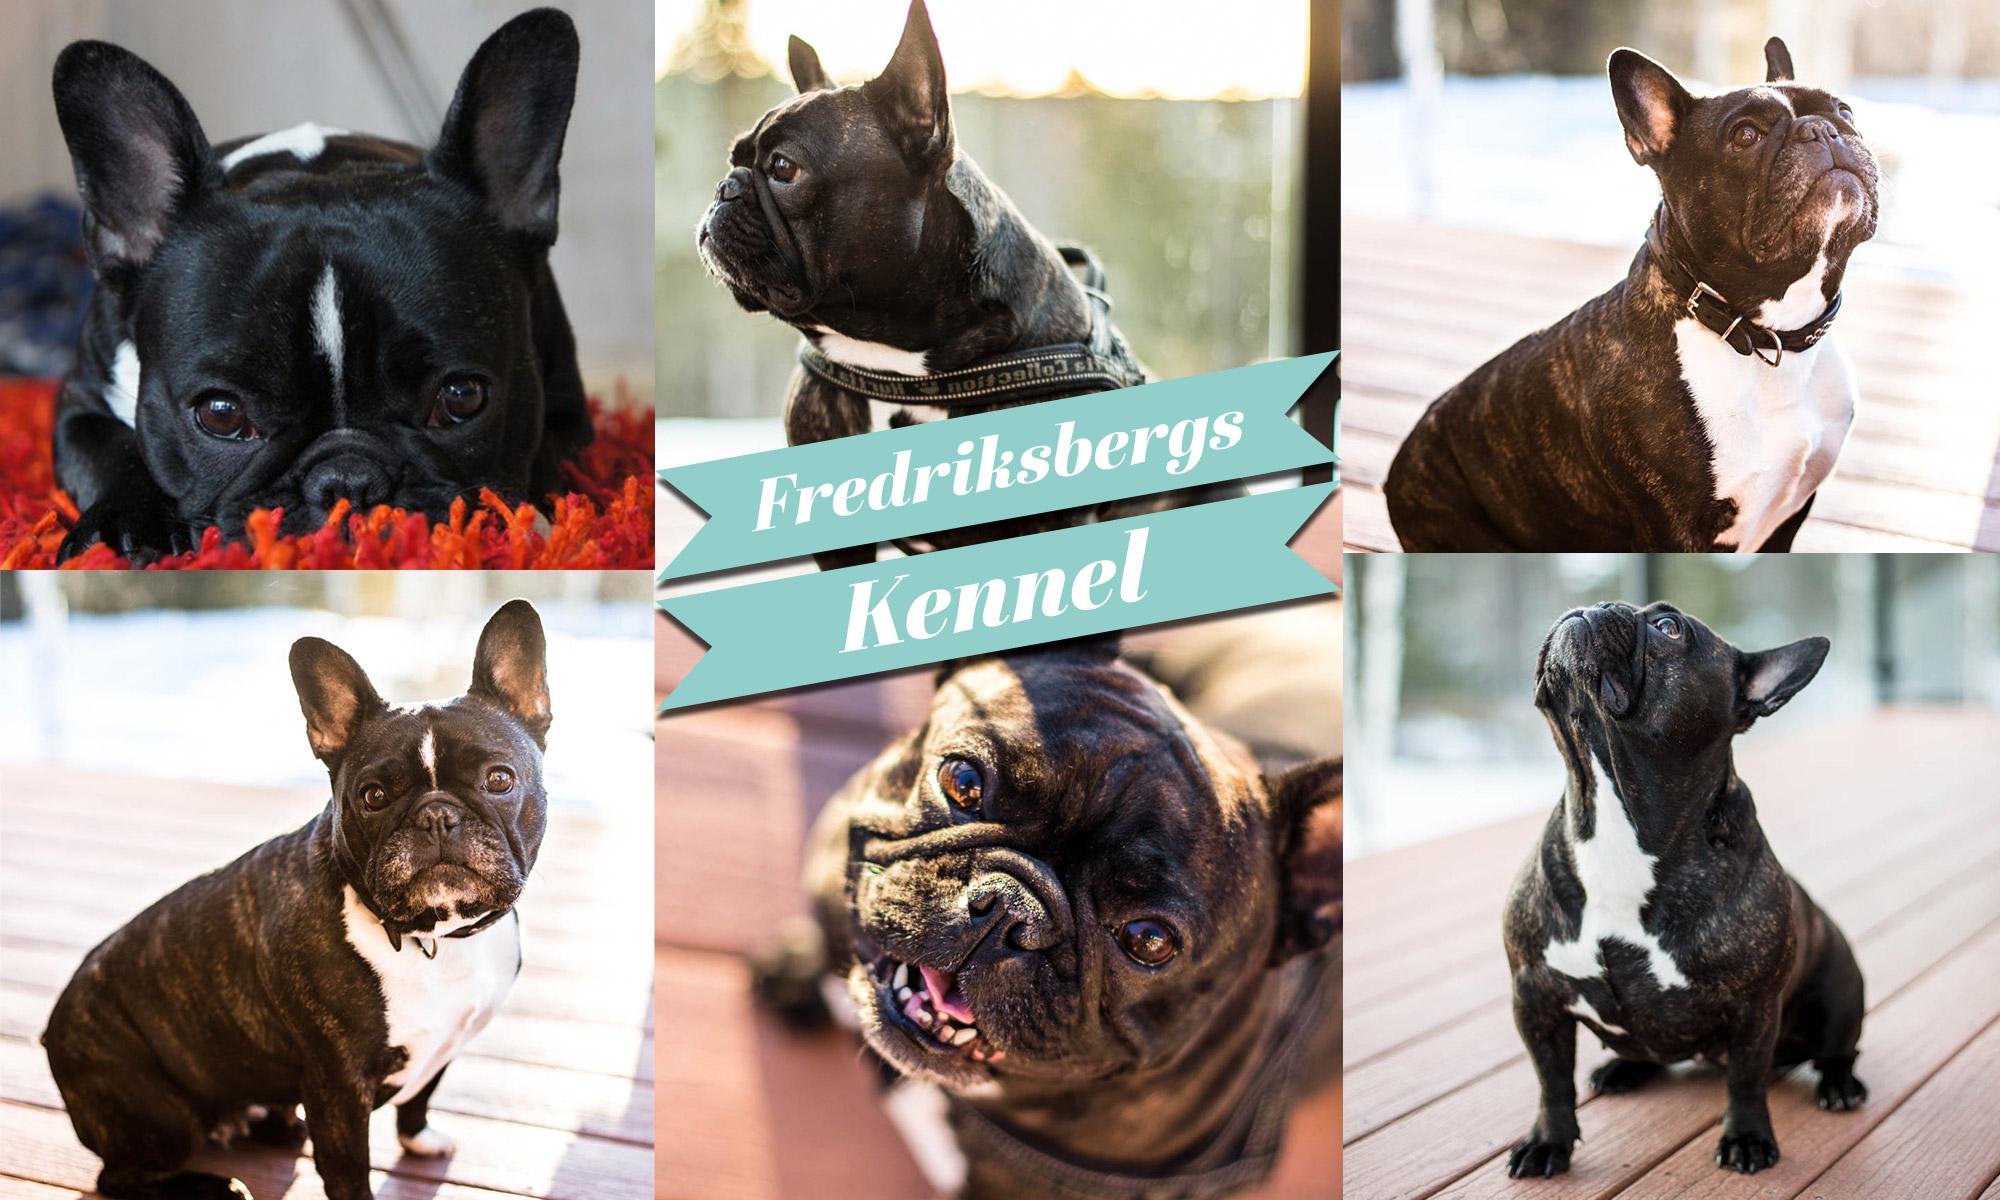 Fredriksbergs Kennel